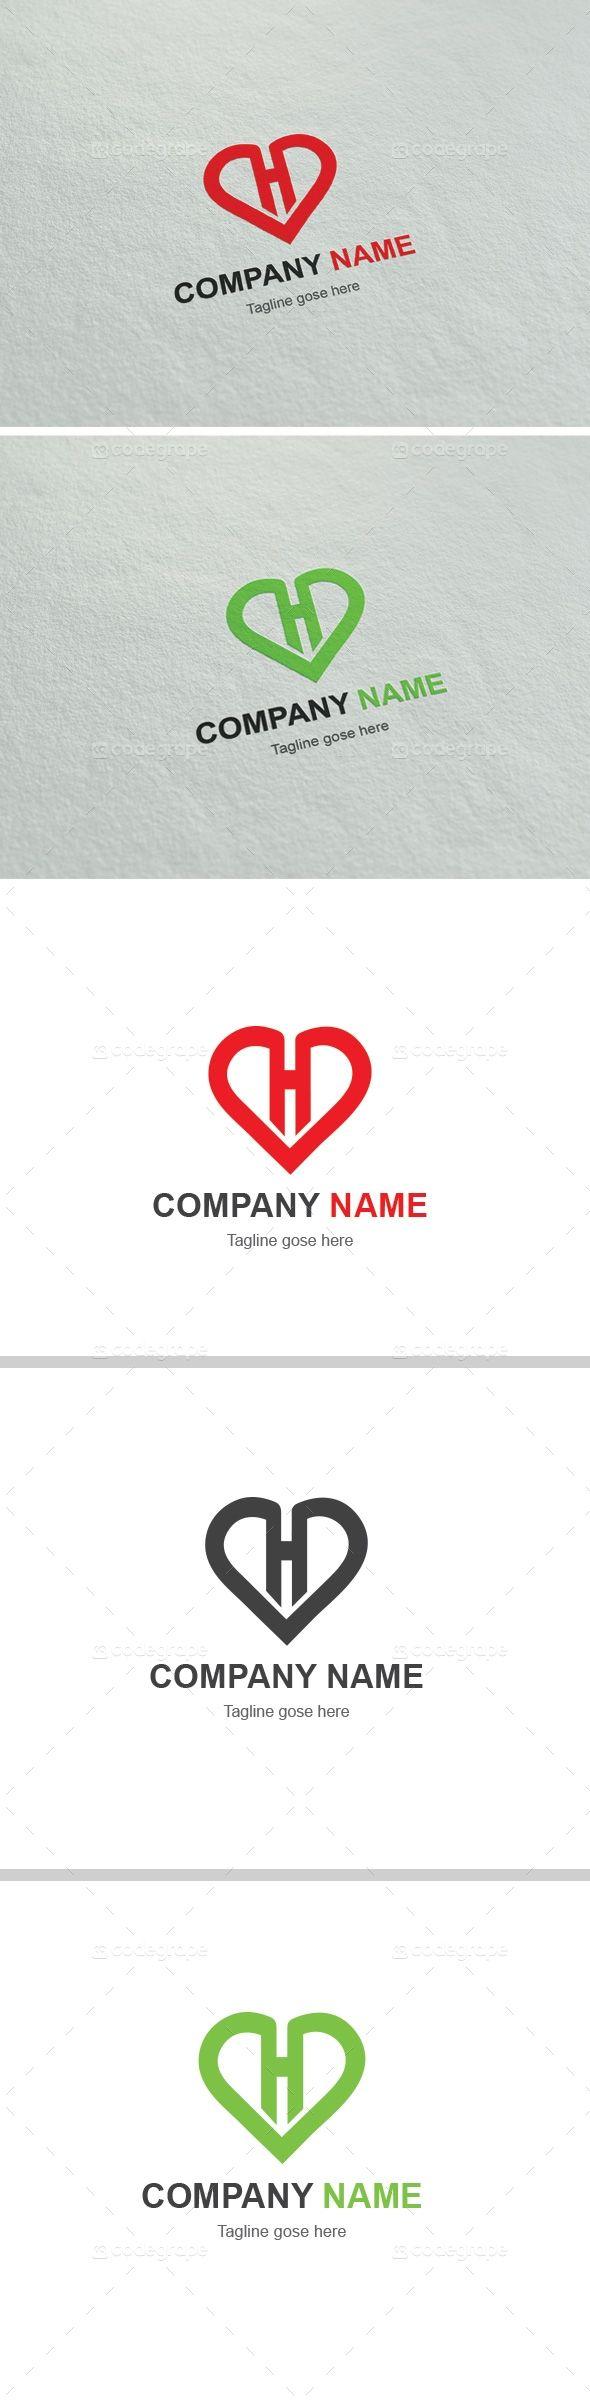 Heart H Letter Logo - http://www.codegrape.com/item/heart-h-letter-logo/5845